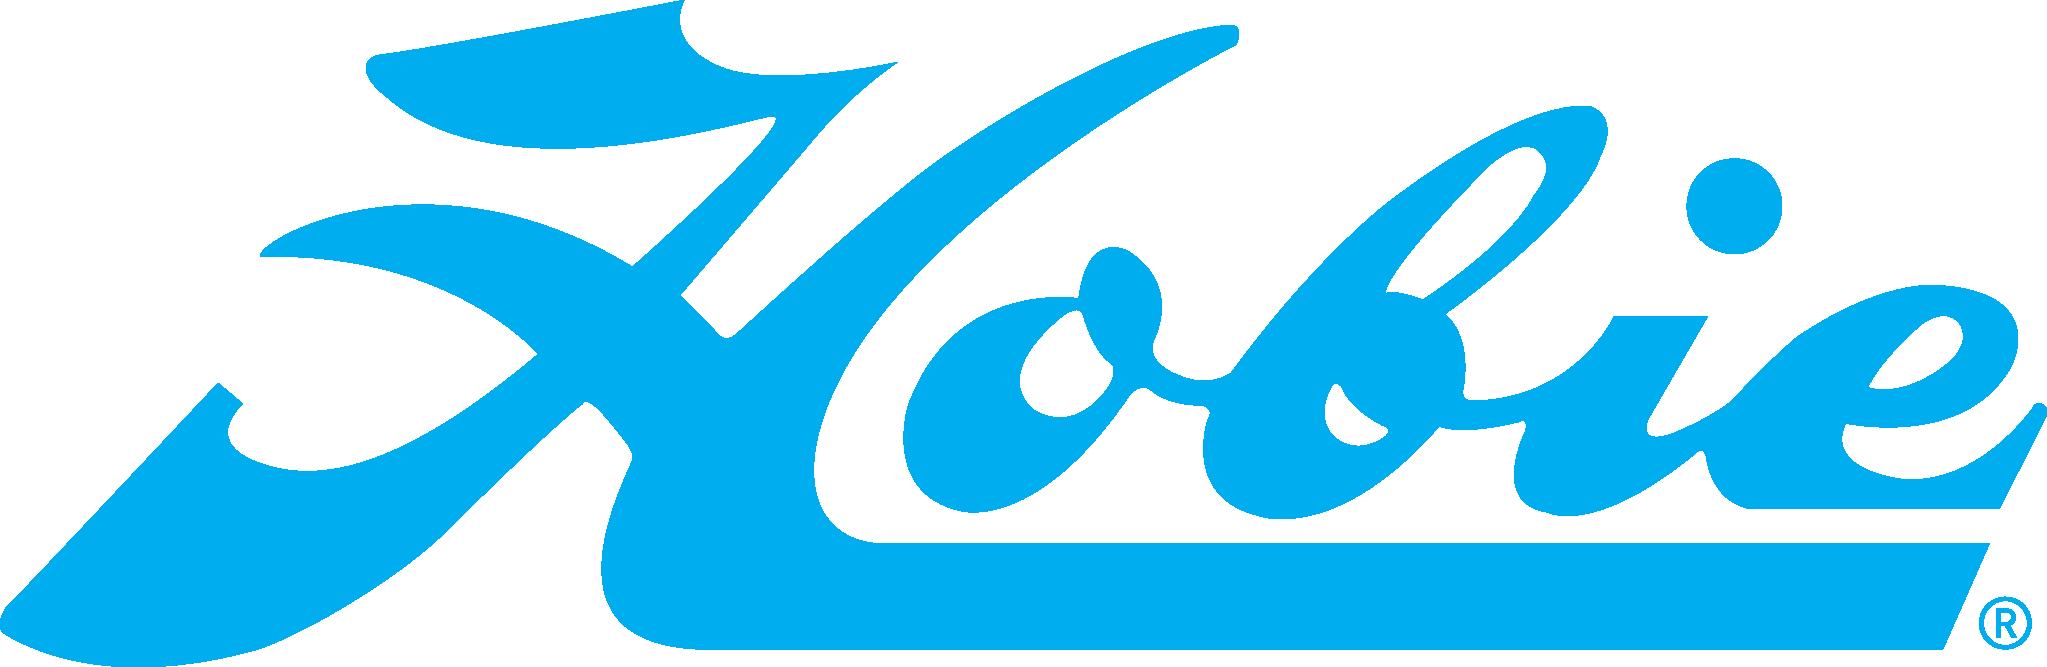 Risultati immagini per logo hobie